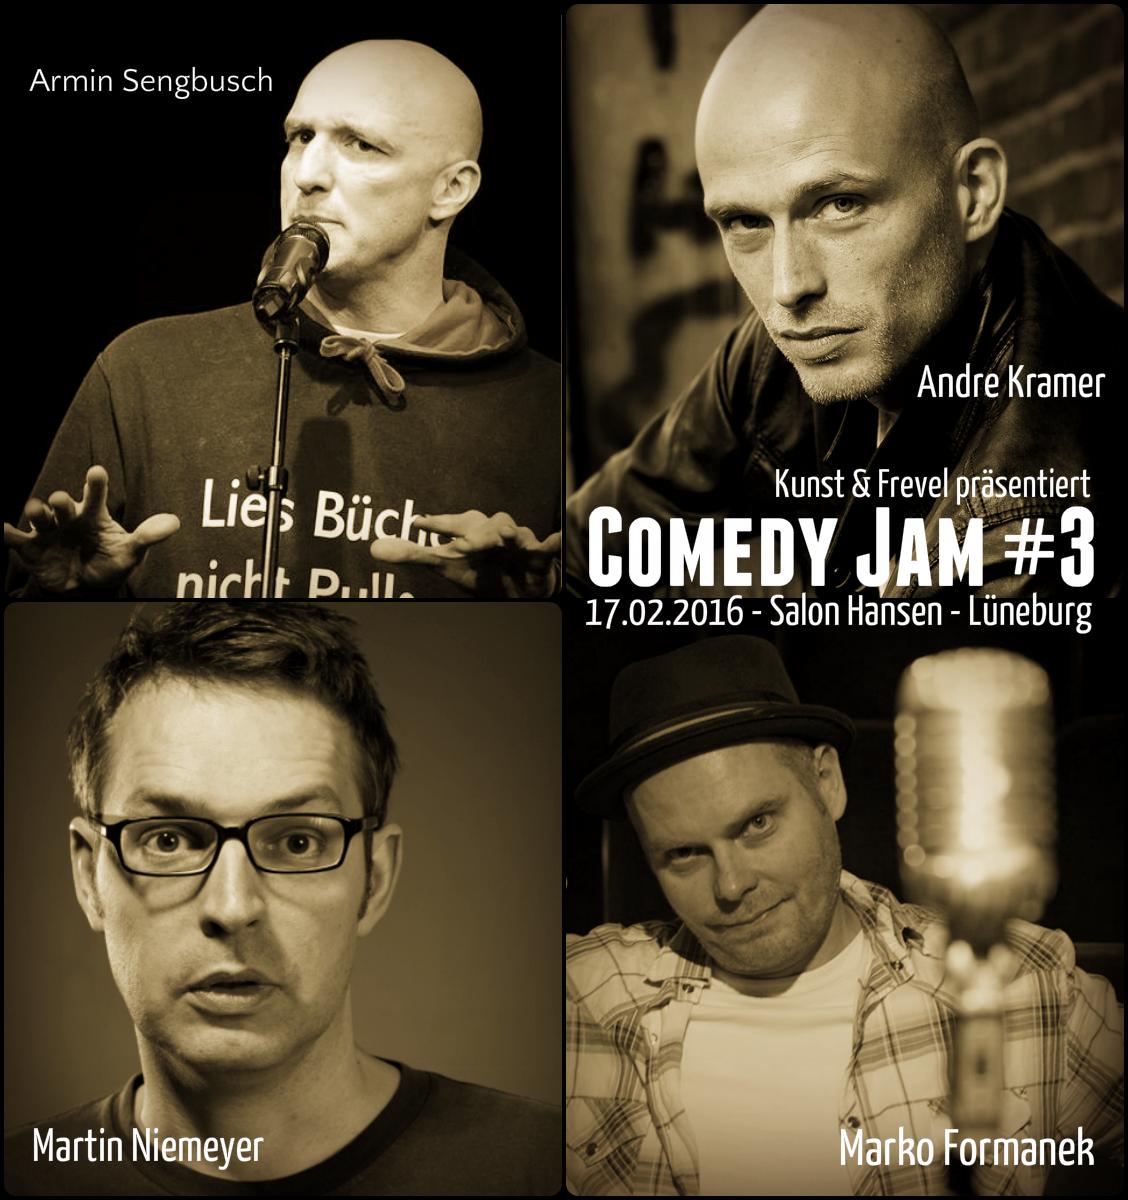 Comedy Jam #3 in Lüneburg